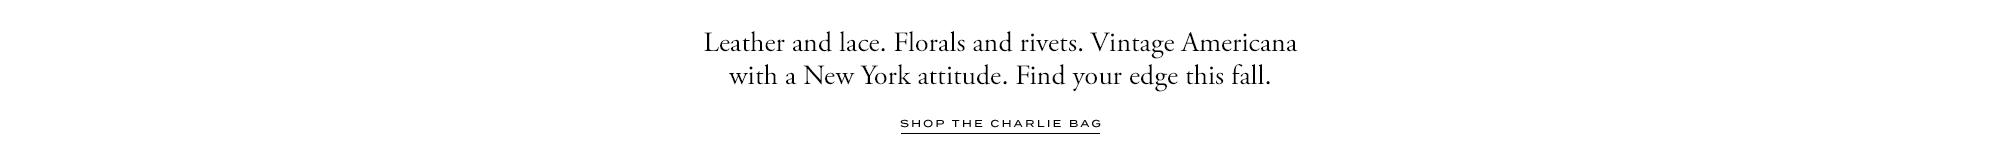 Shop Charlie